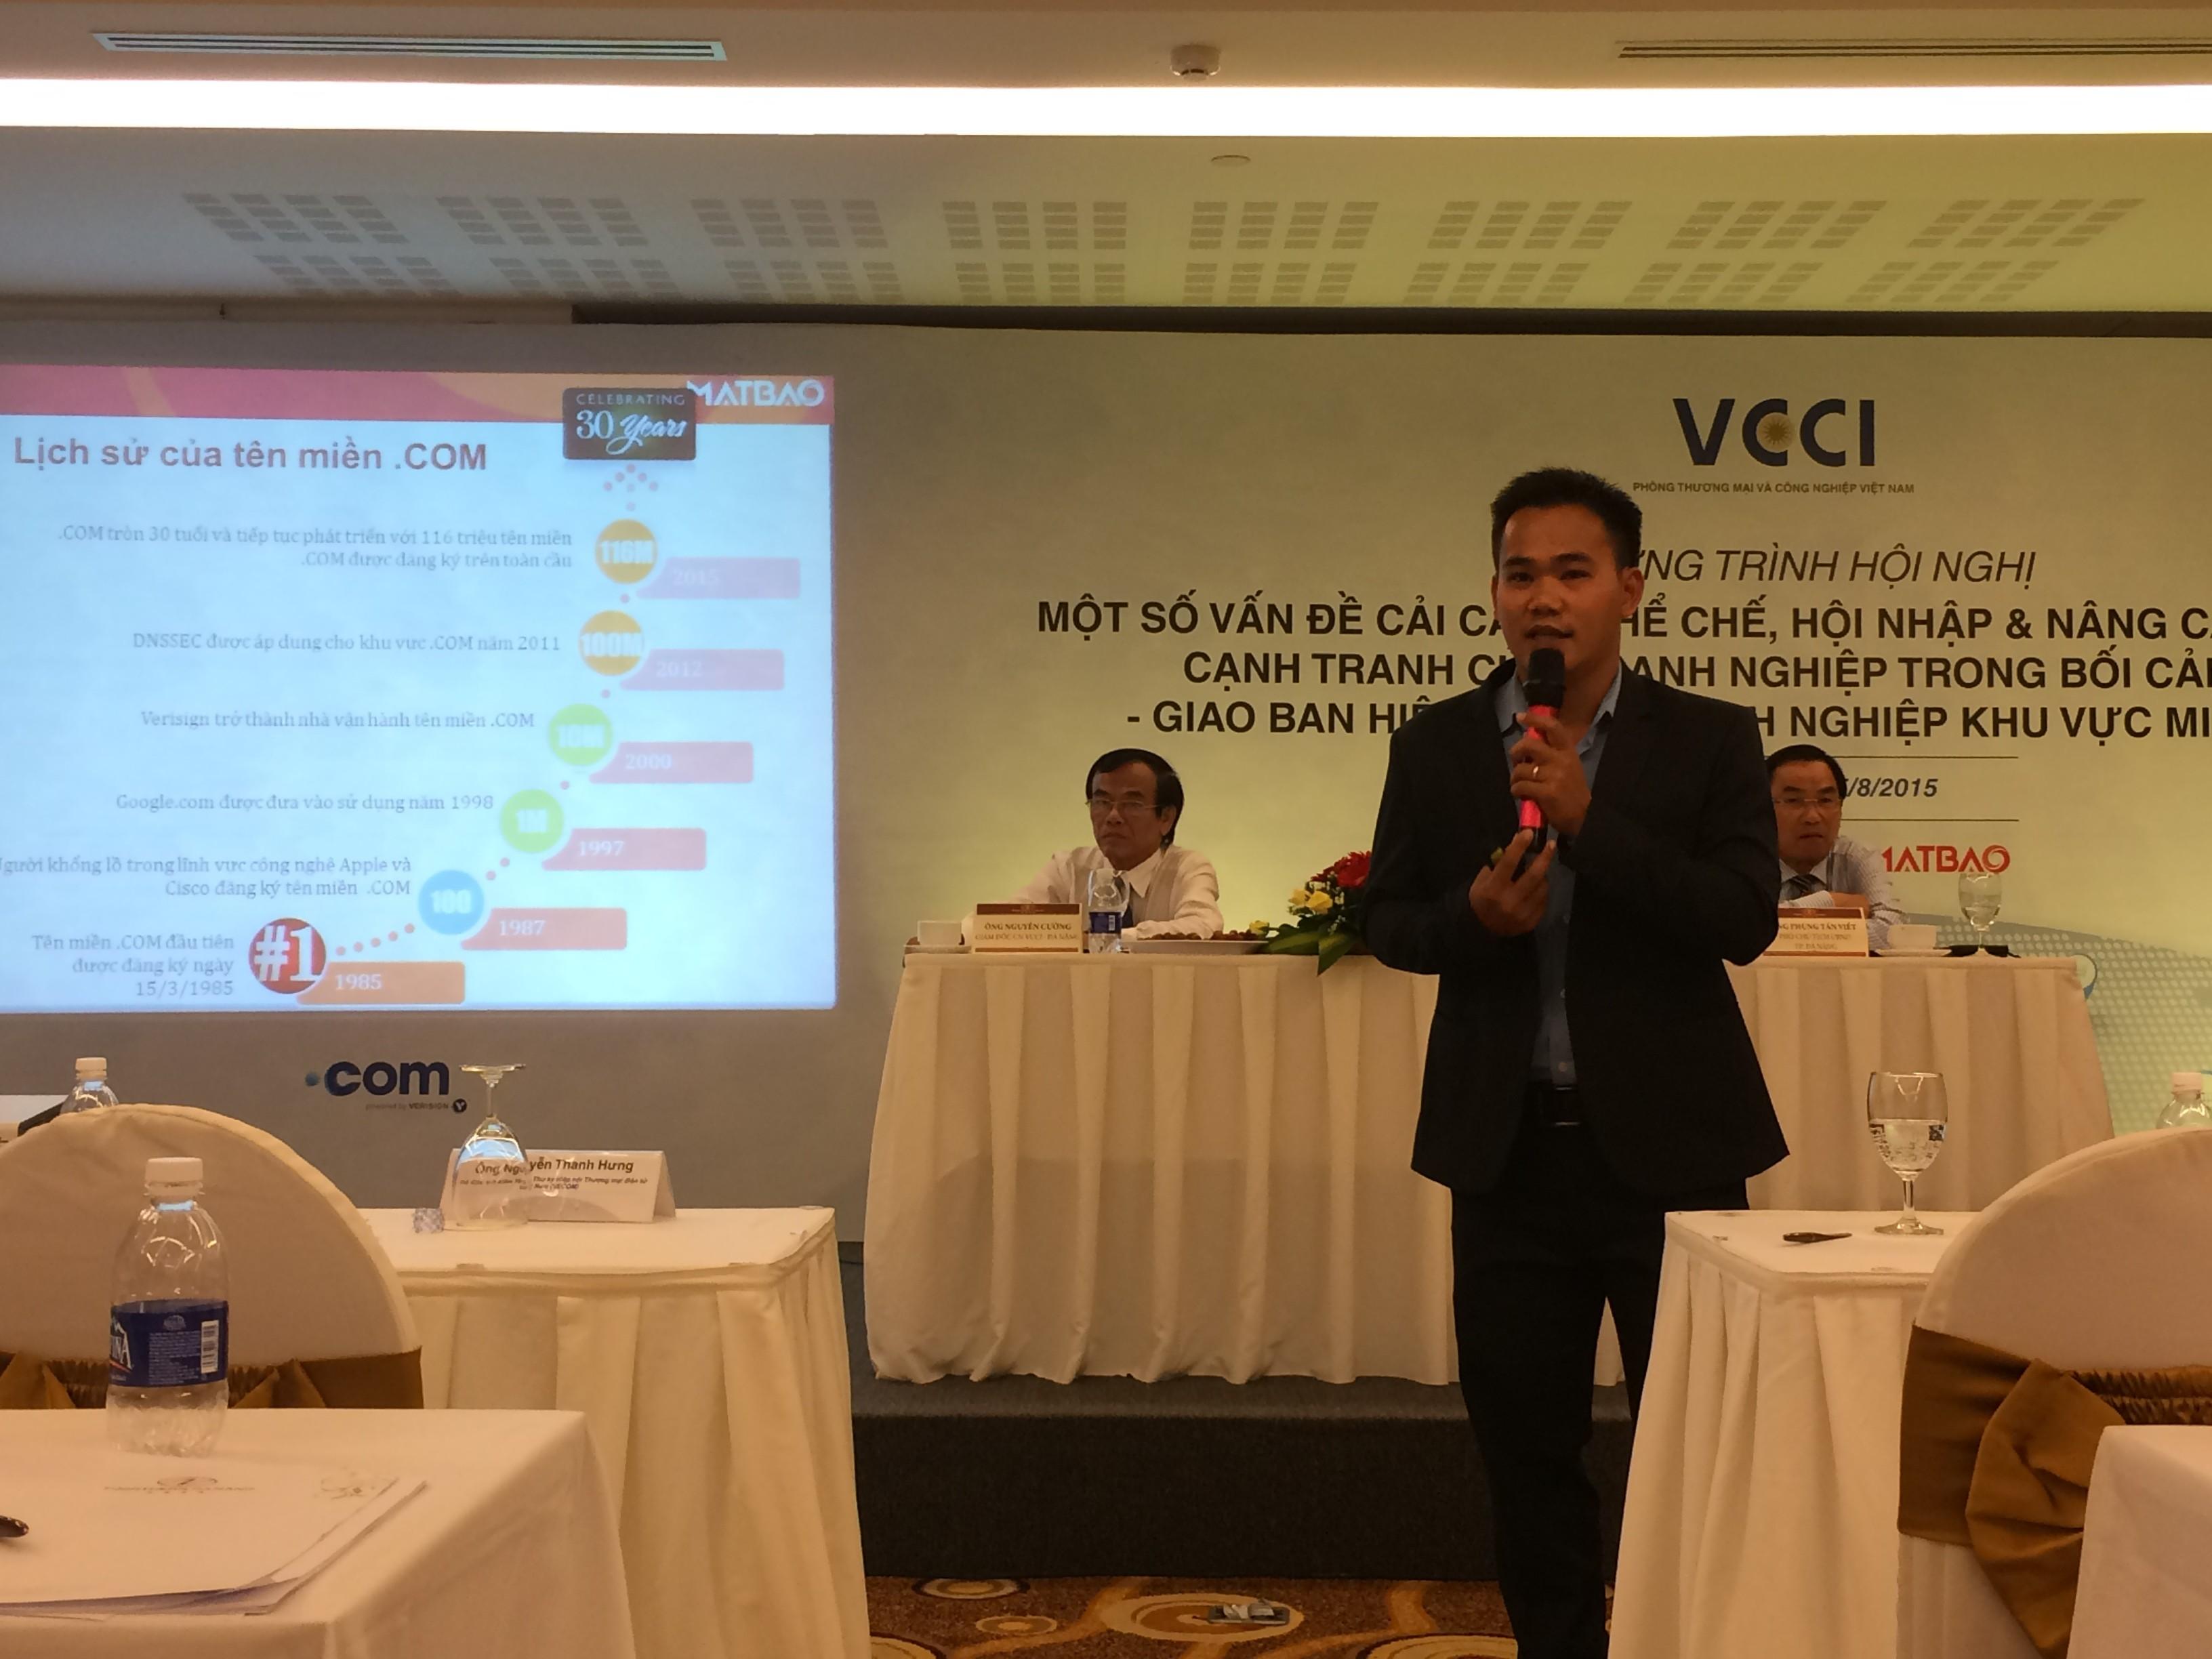 Ong Nguyen Minh Thai Giam doc Kinh doanh cong ty Mat Bao Network - Doanh nghiệp vừa và nhỏ Việt Nam hội nhập kinh tế quốc tế thông qua nhận diện trực tuyến mạnh mẽ